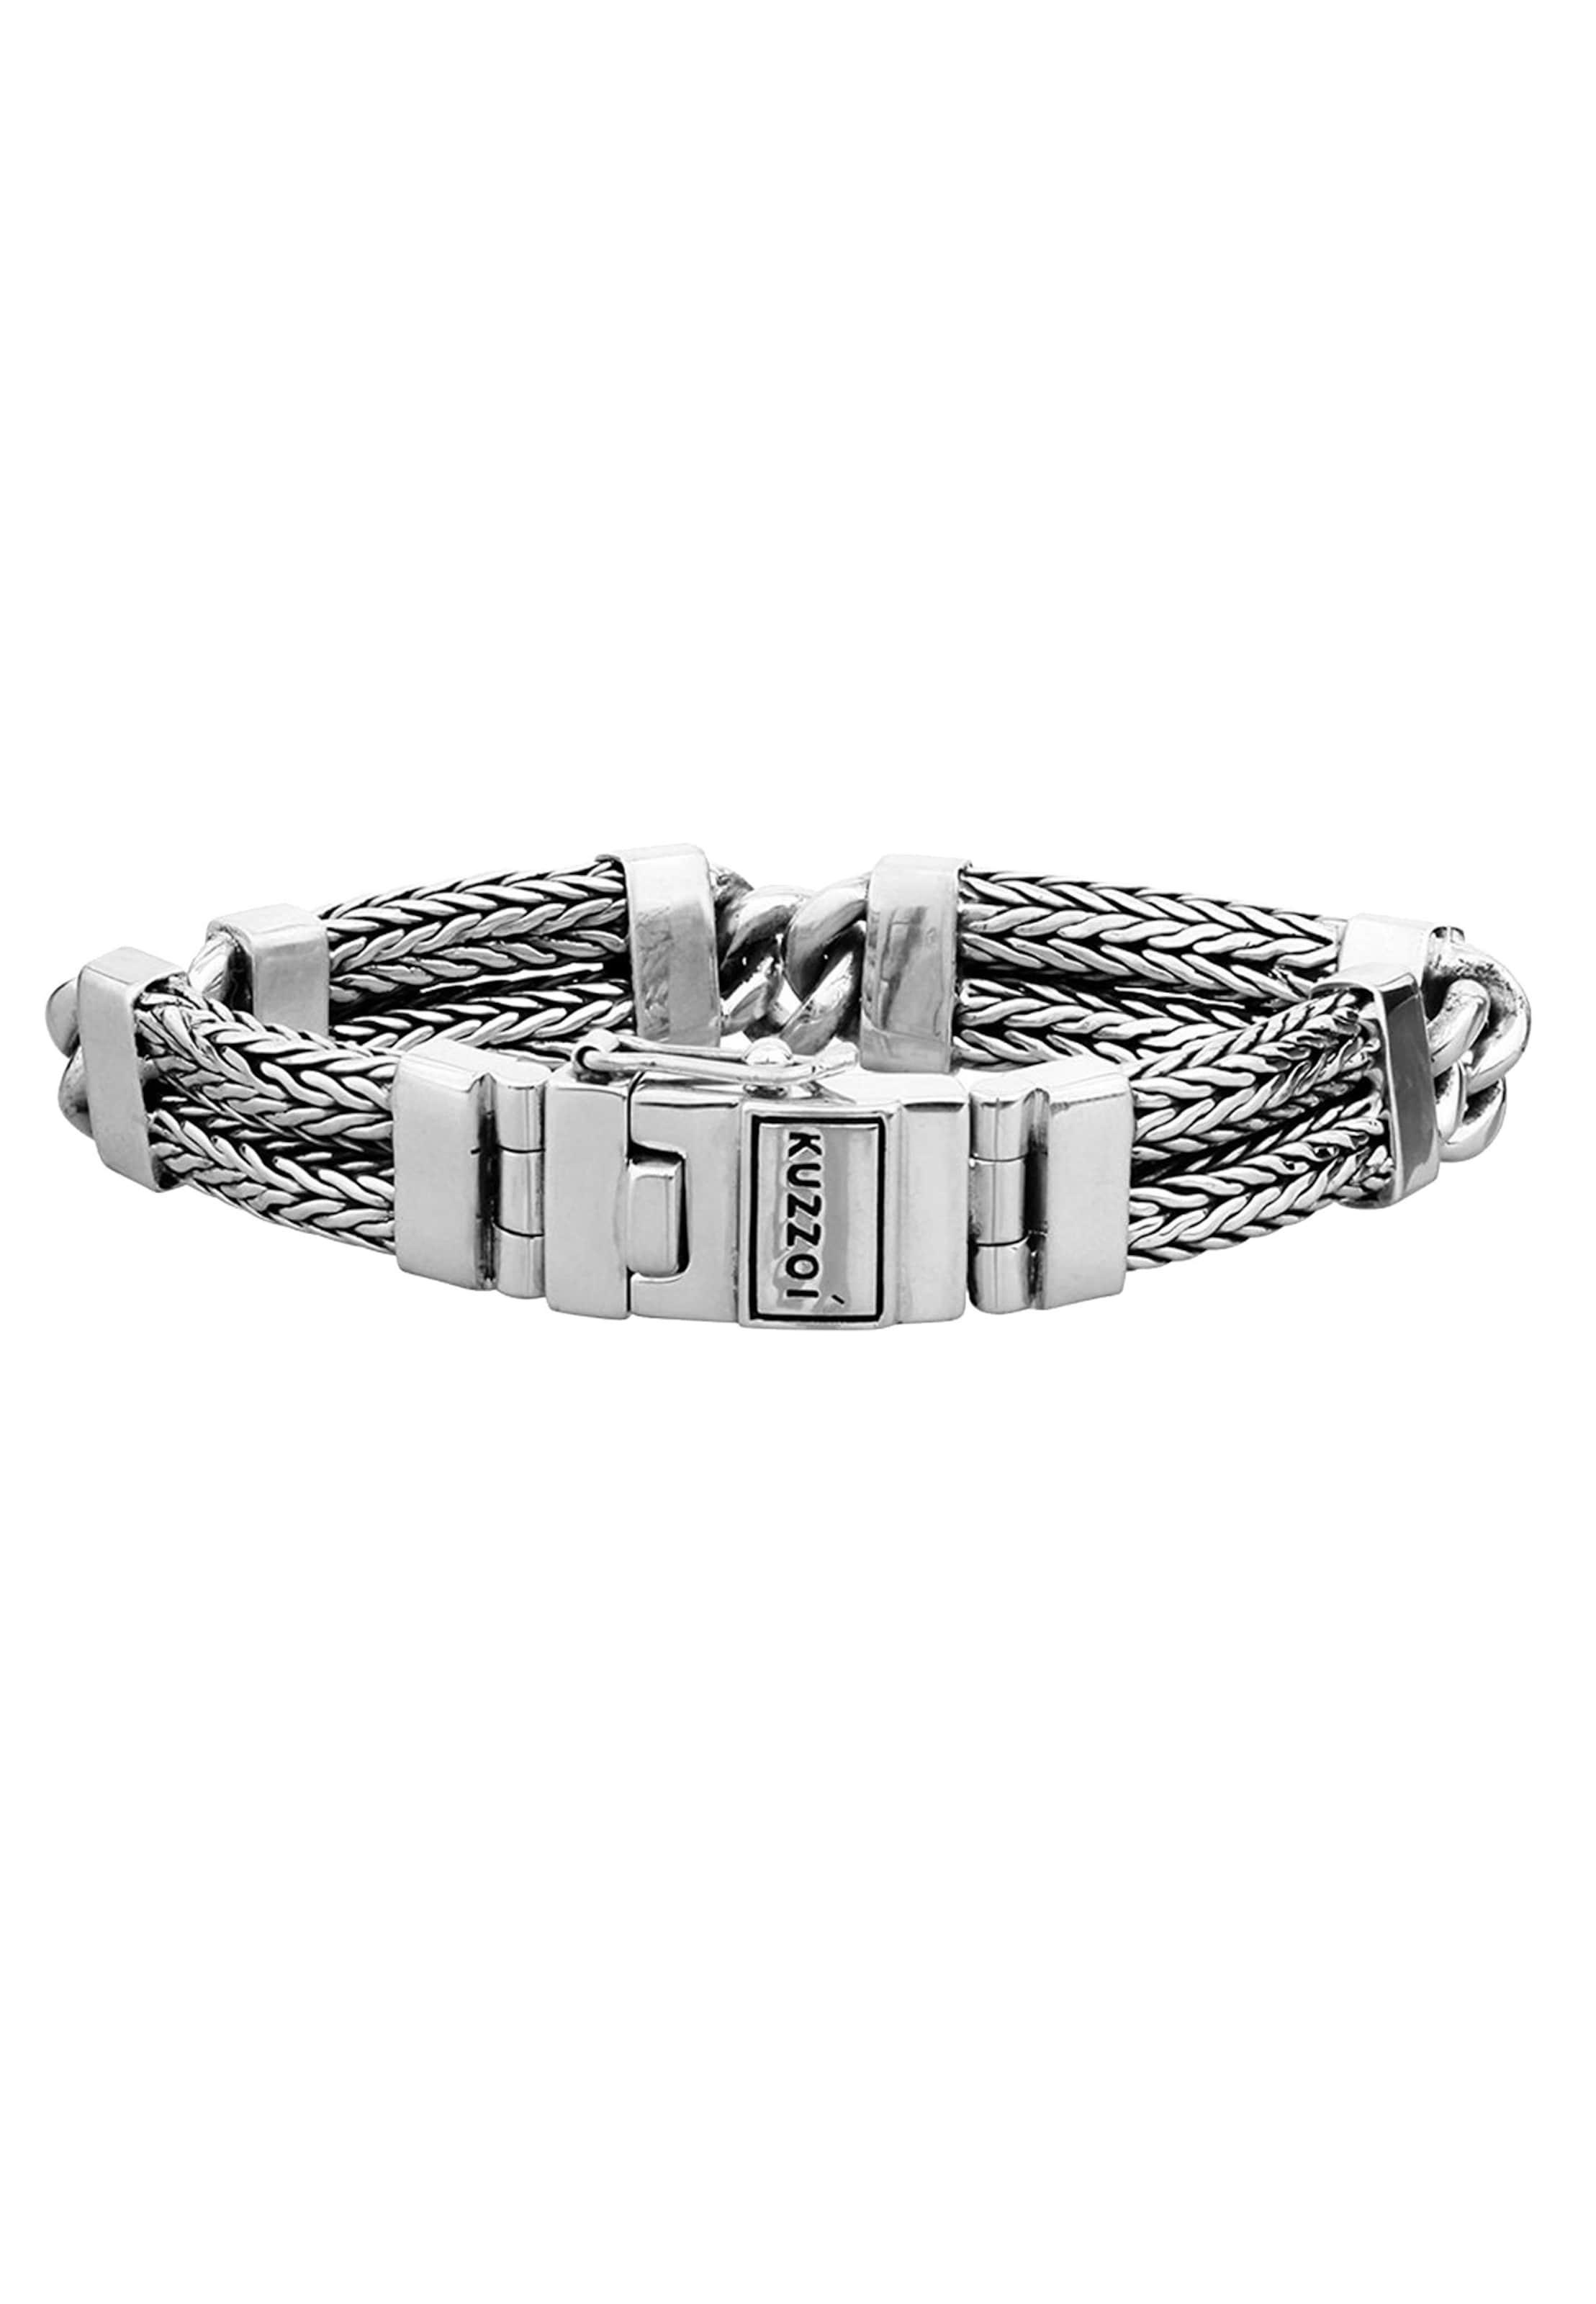 Armband 'basic' Silber Kuzzoi In Silber In Armband Kuzzoi Kuzzoi 'basic' TulK13FJc